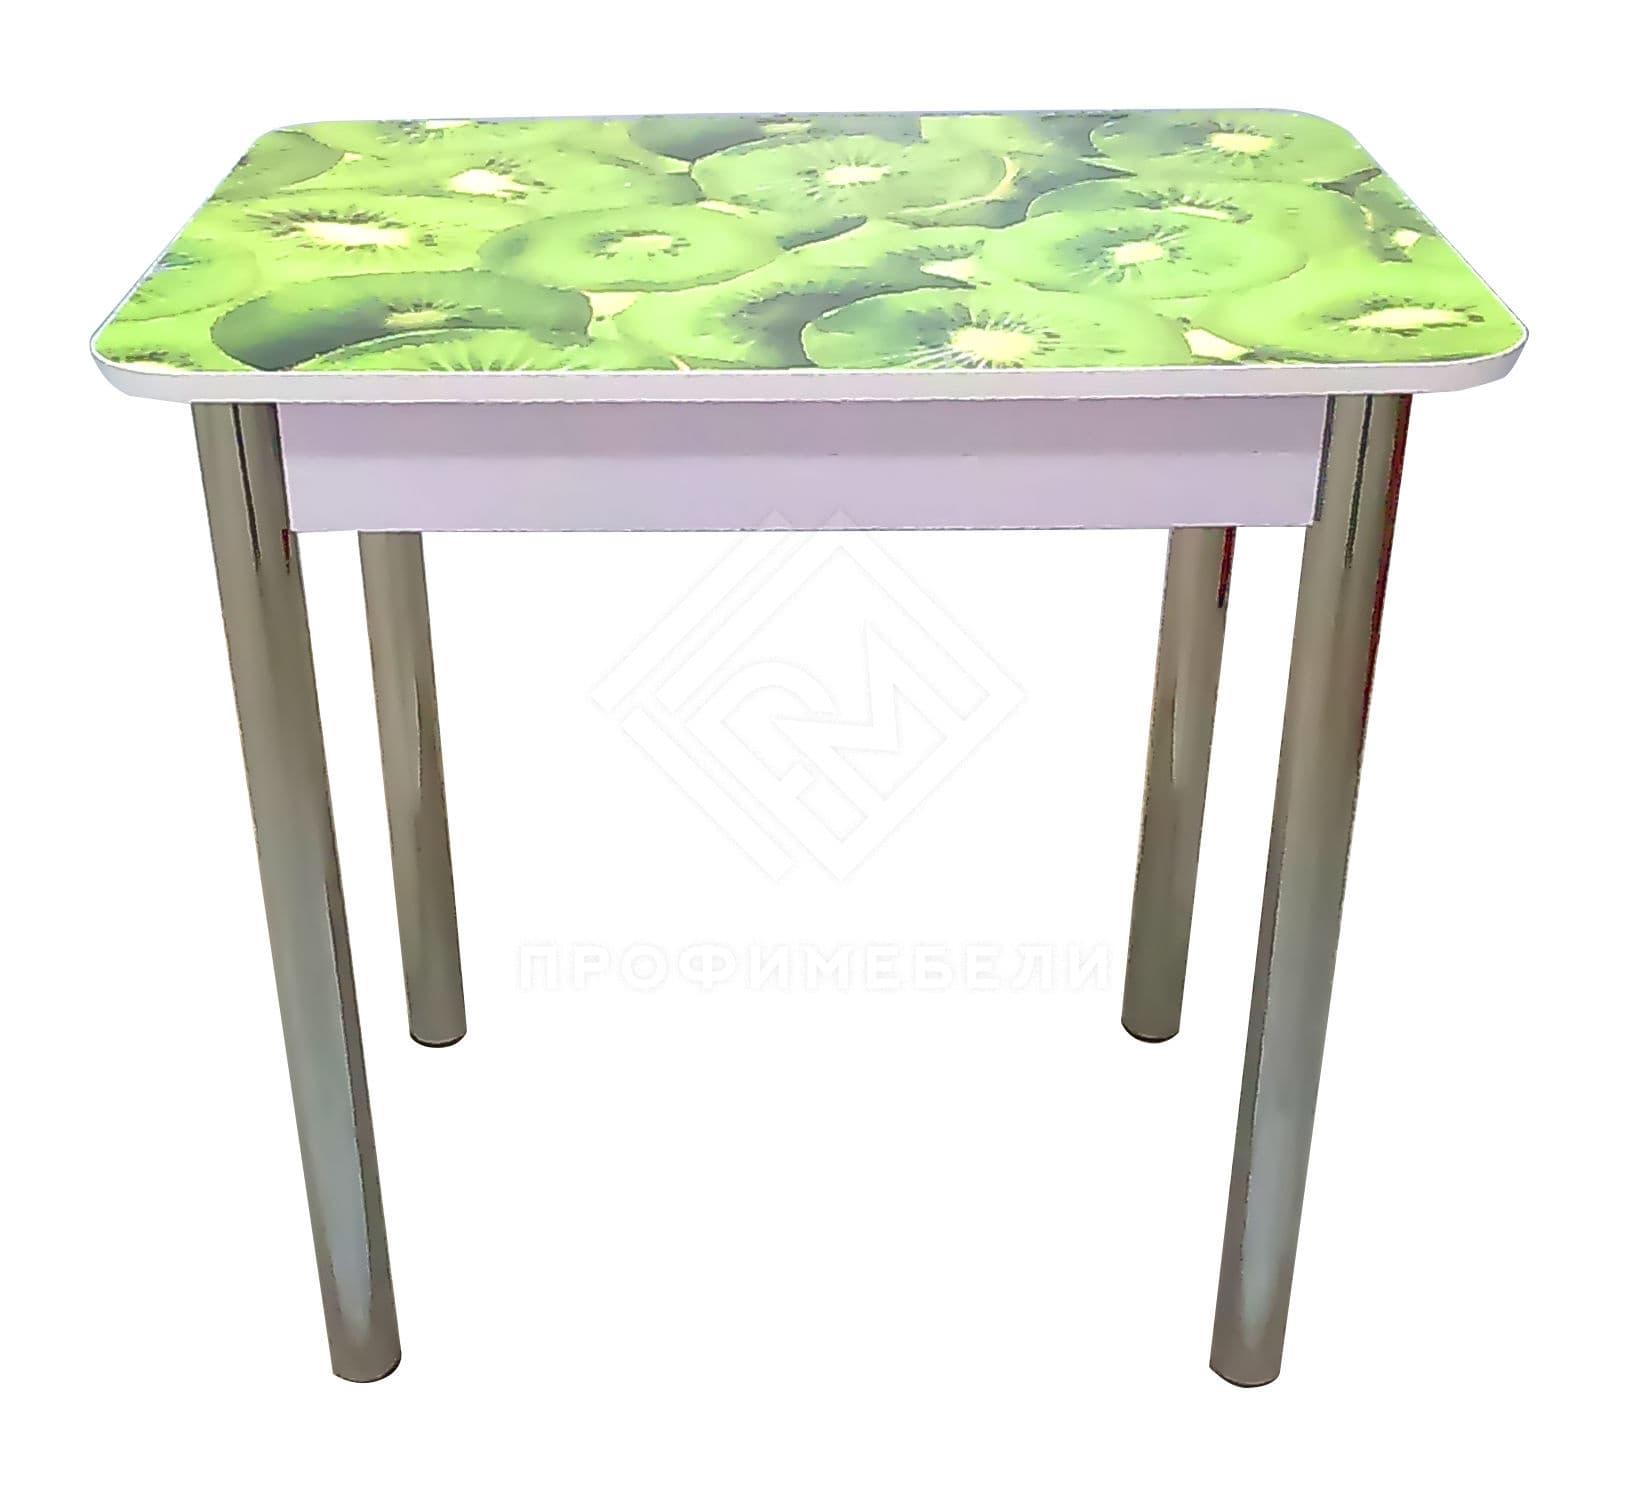 Фото - Стол обеденный прямоугольный с фотопечатью (800) ноги хром, МДФ киви (№1)